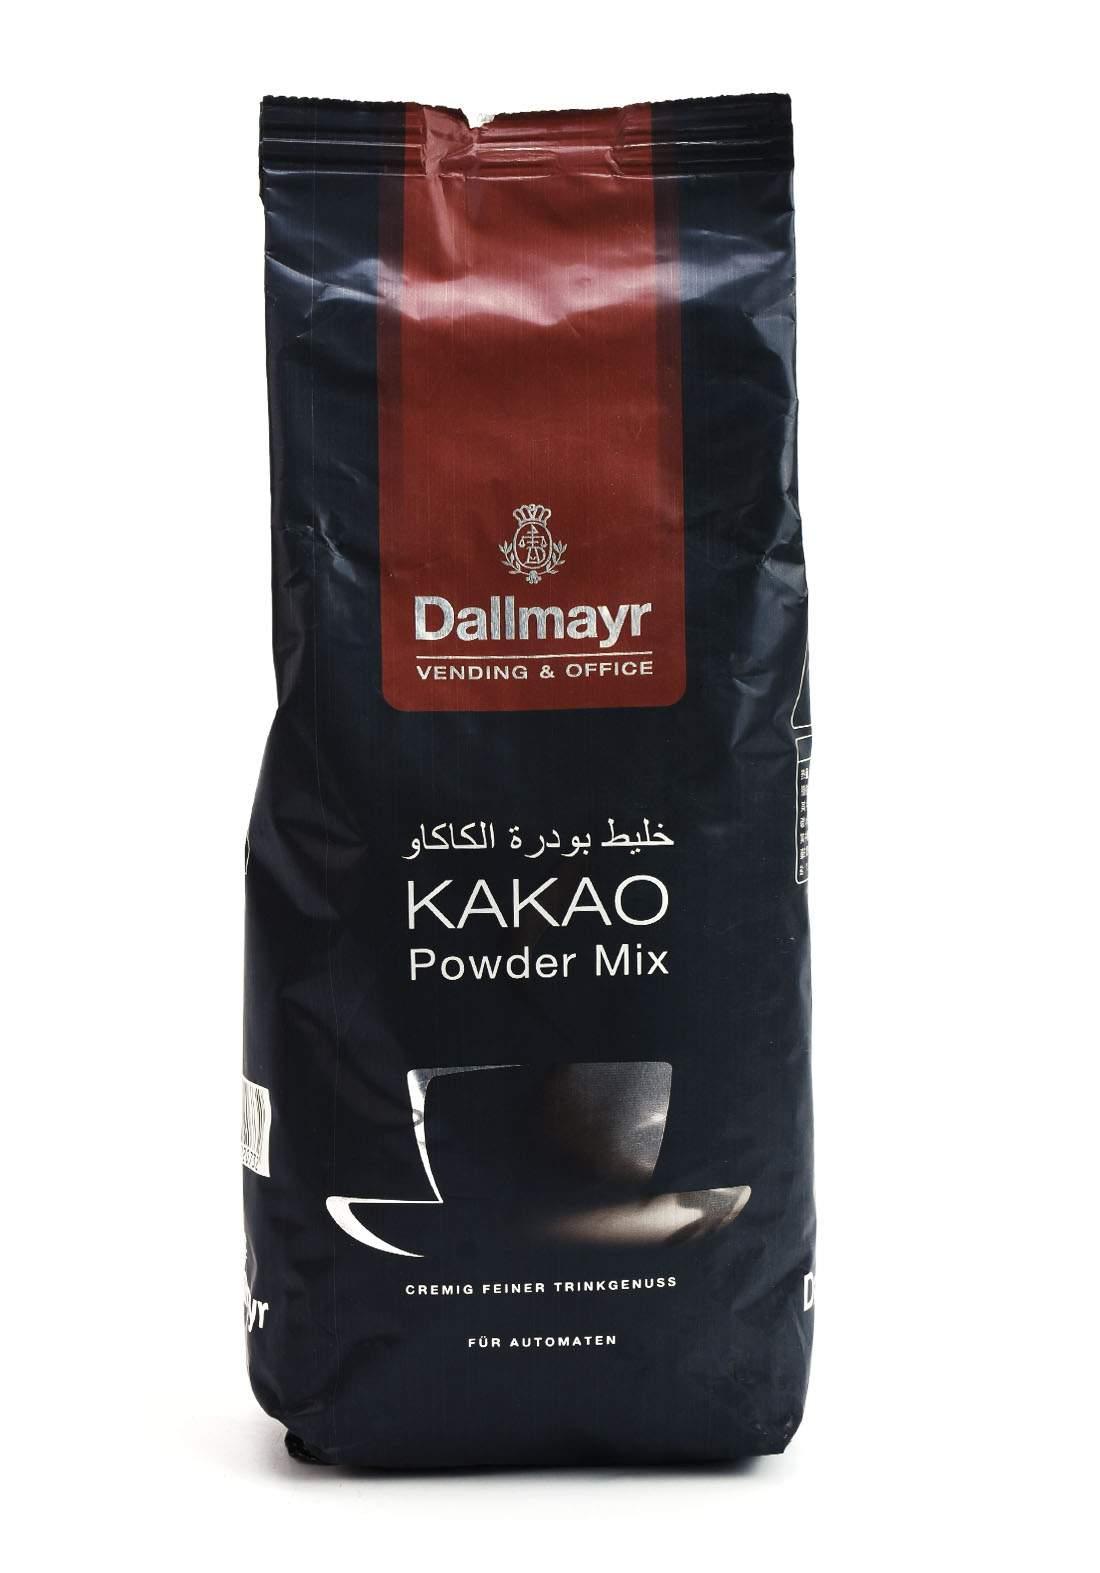 Dallmayr Vending & Office Kakao 1kg خليط بودرة الكاكاو